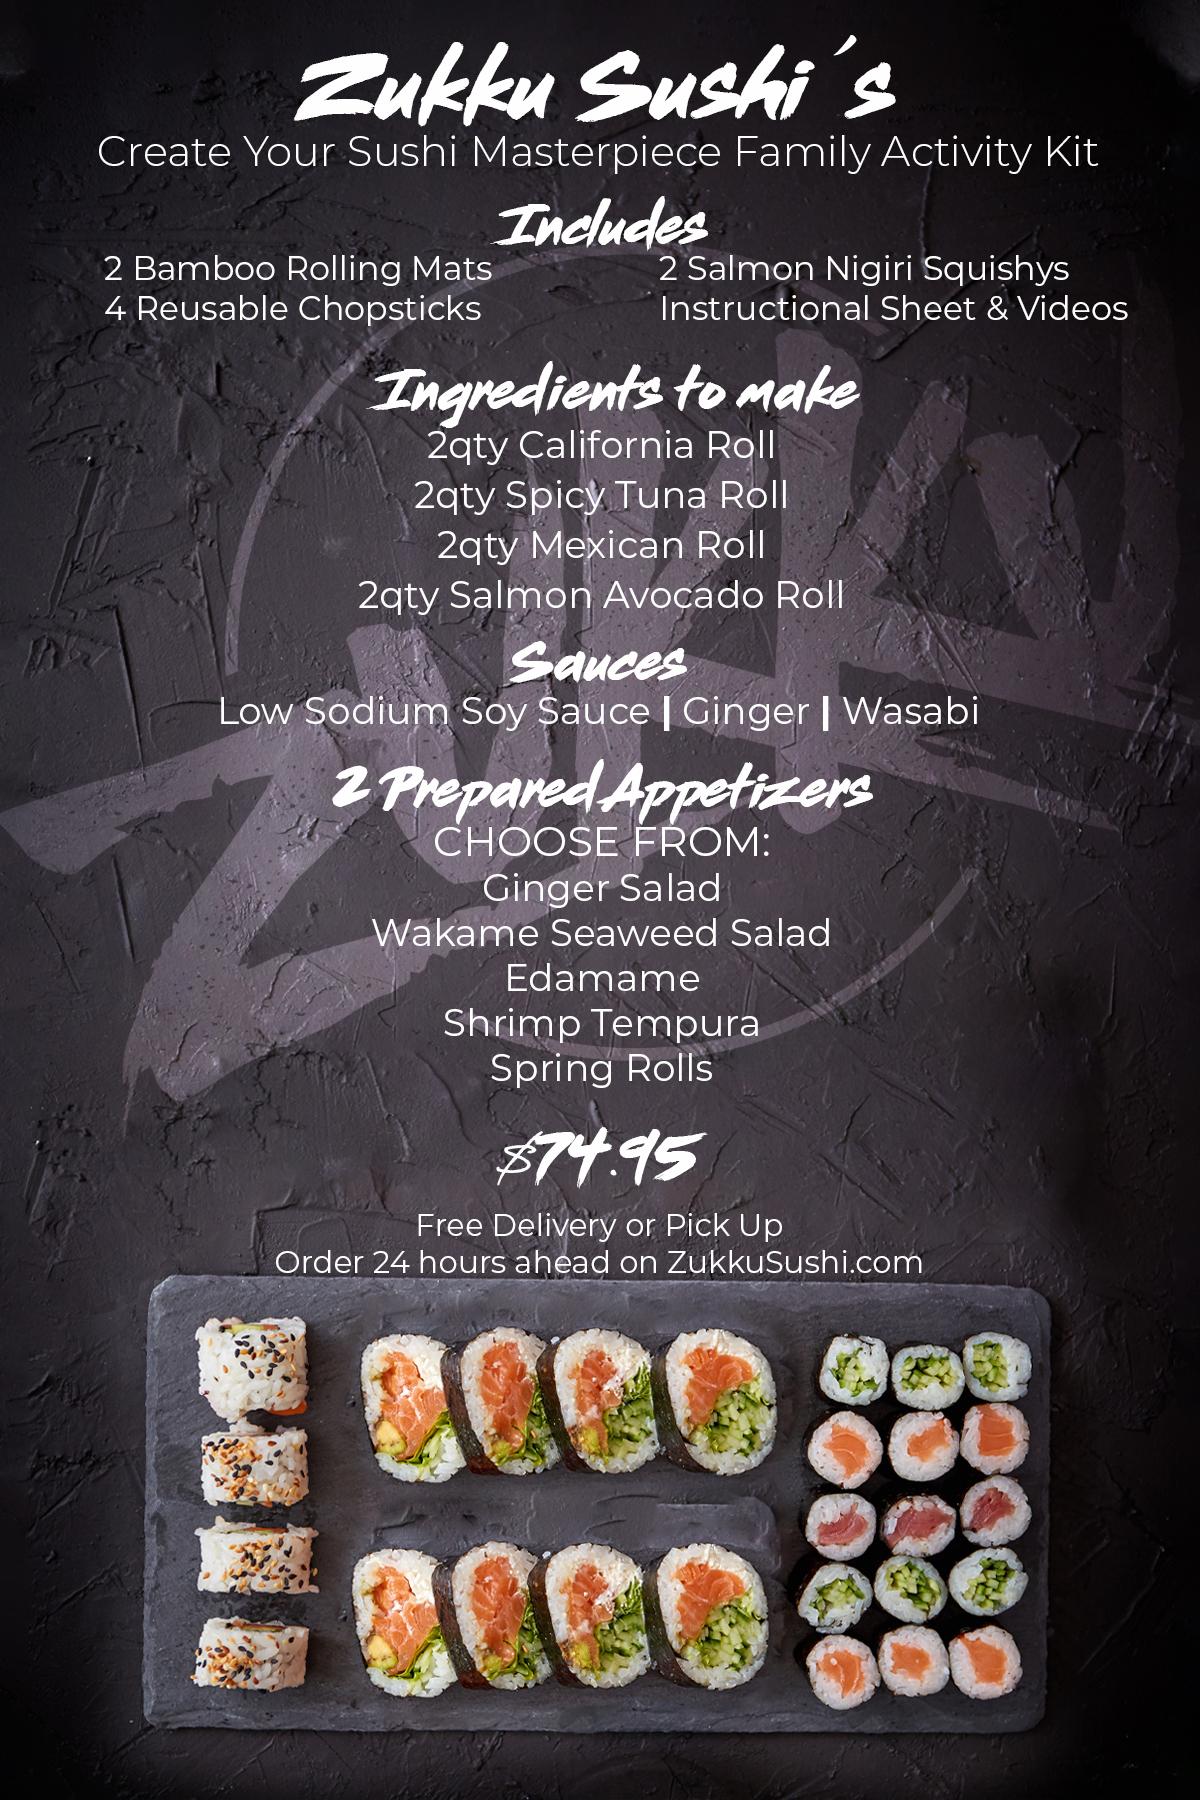 Zukku Sushi